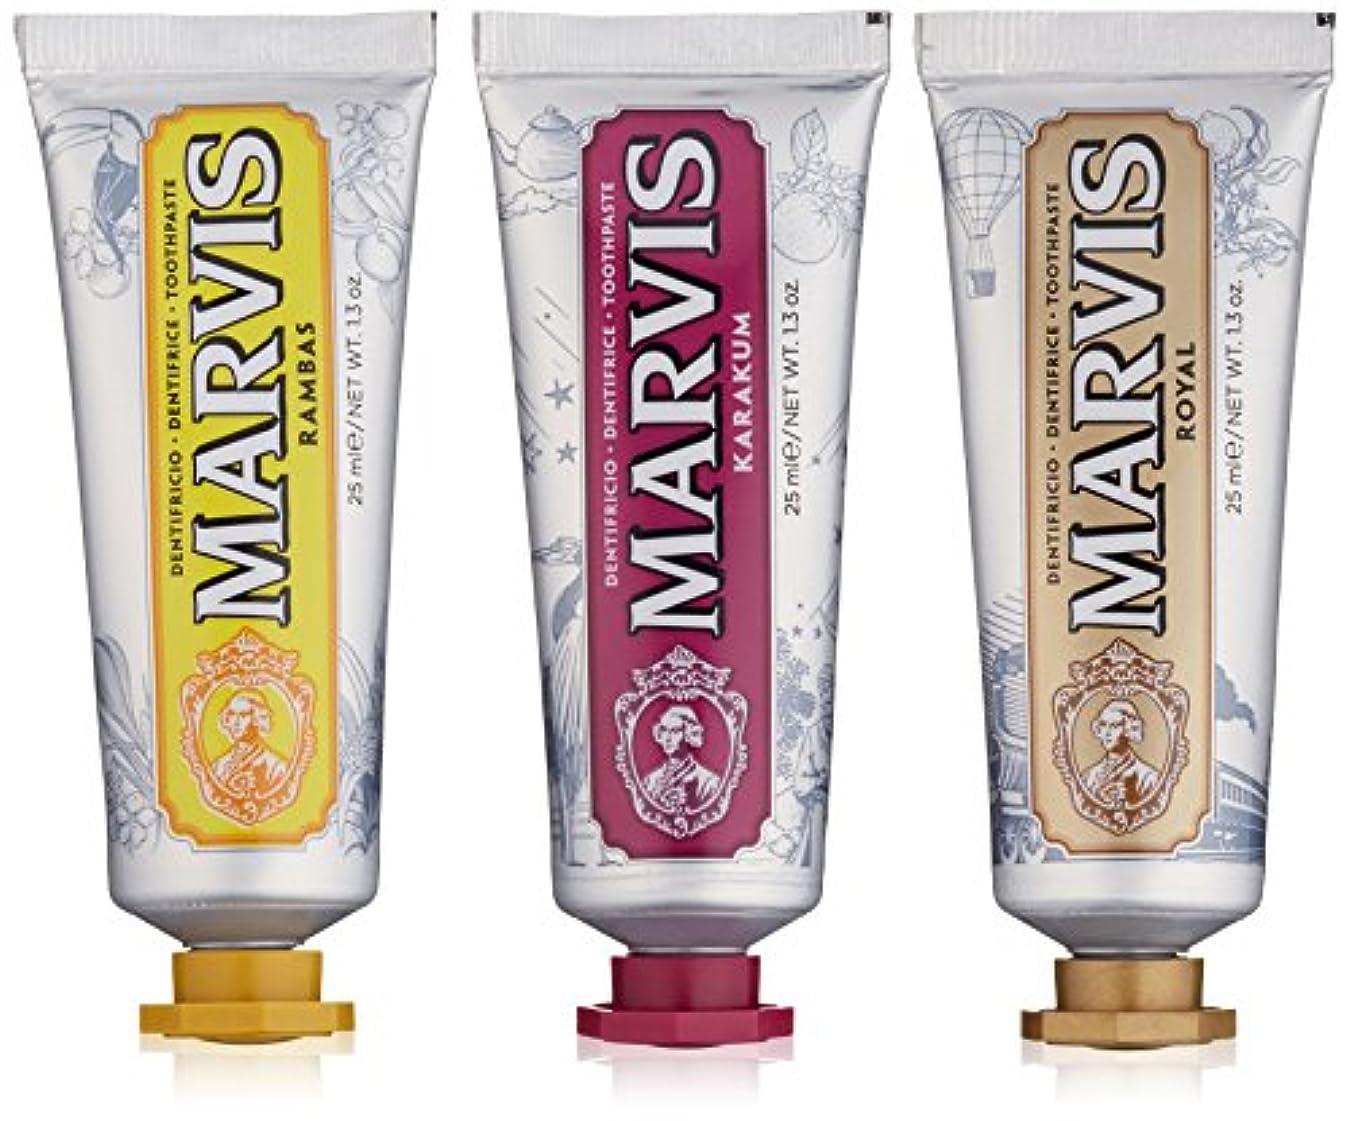 忌避剤リーズボタンMARVIS(マービス) ワンダーズオブザワールド コレクション (歯みがき粉) 25ml x 3本